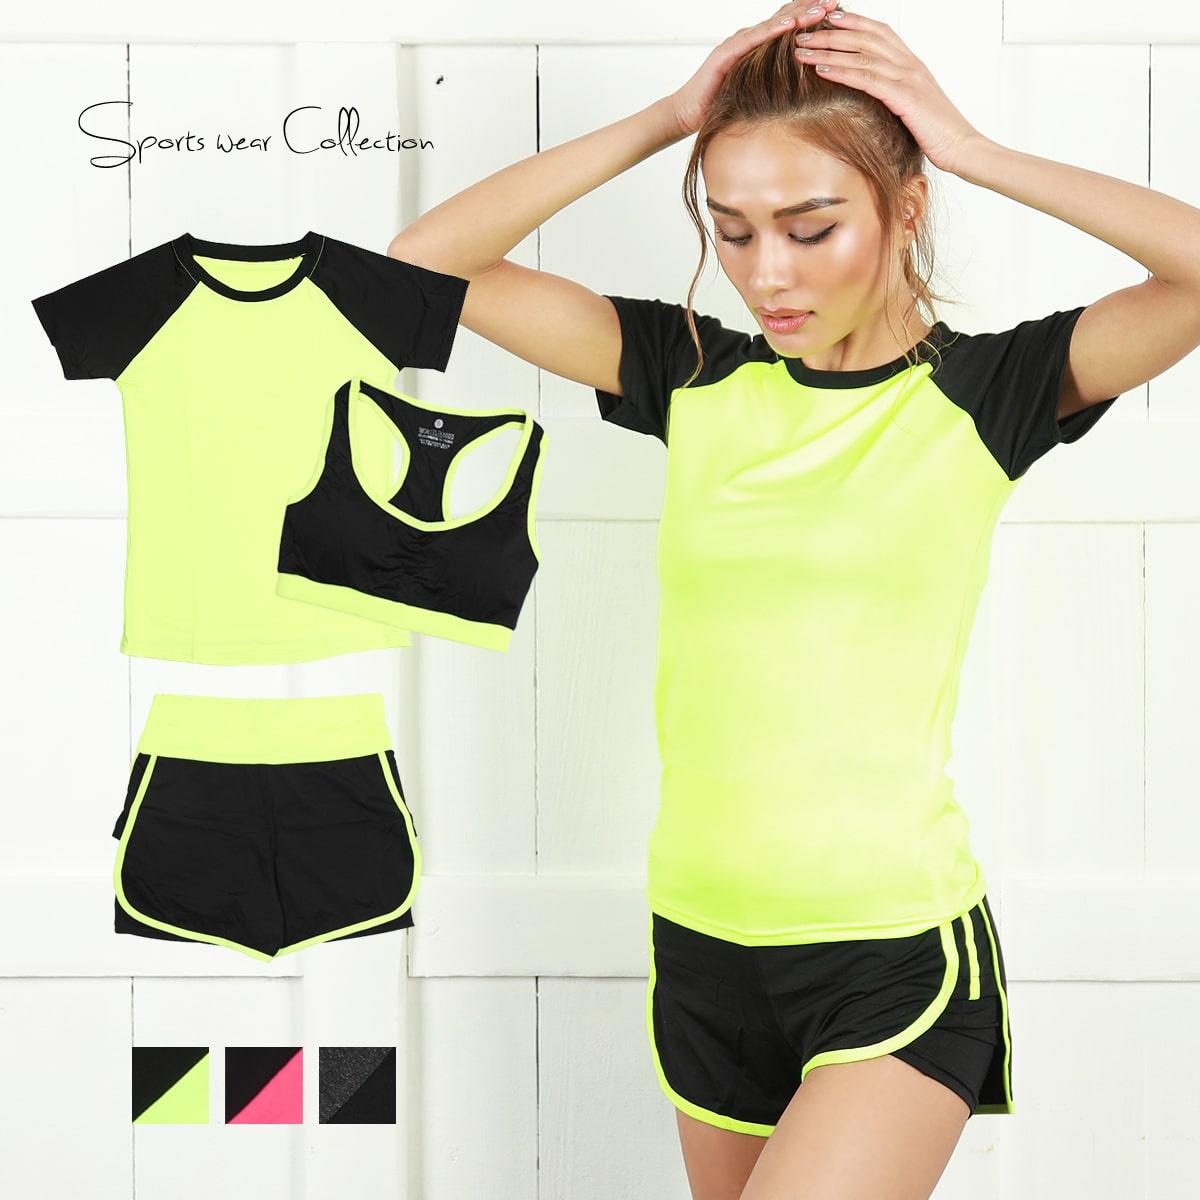 Angel-R: Sportswear Lady's leggings fitnessware yoga wear